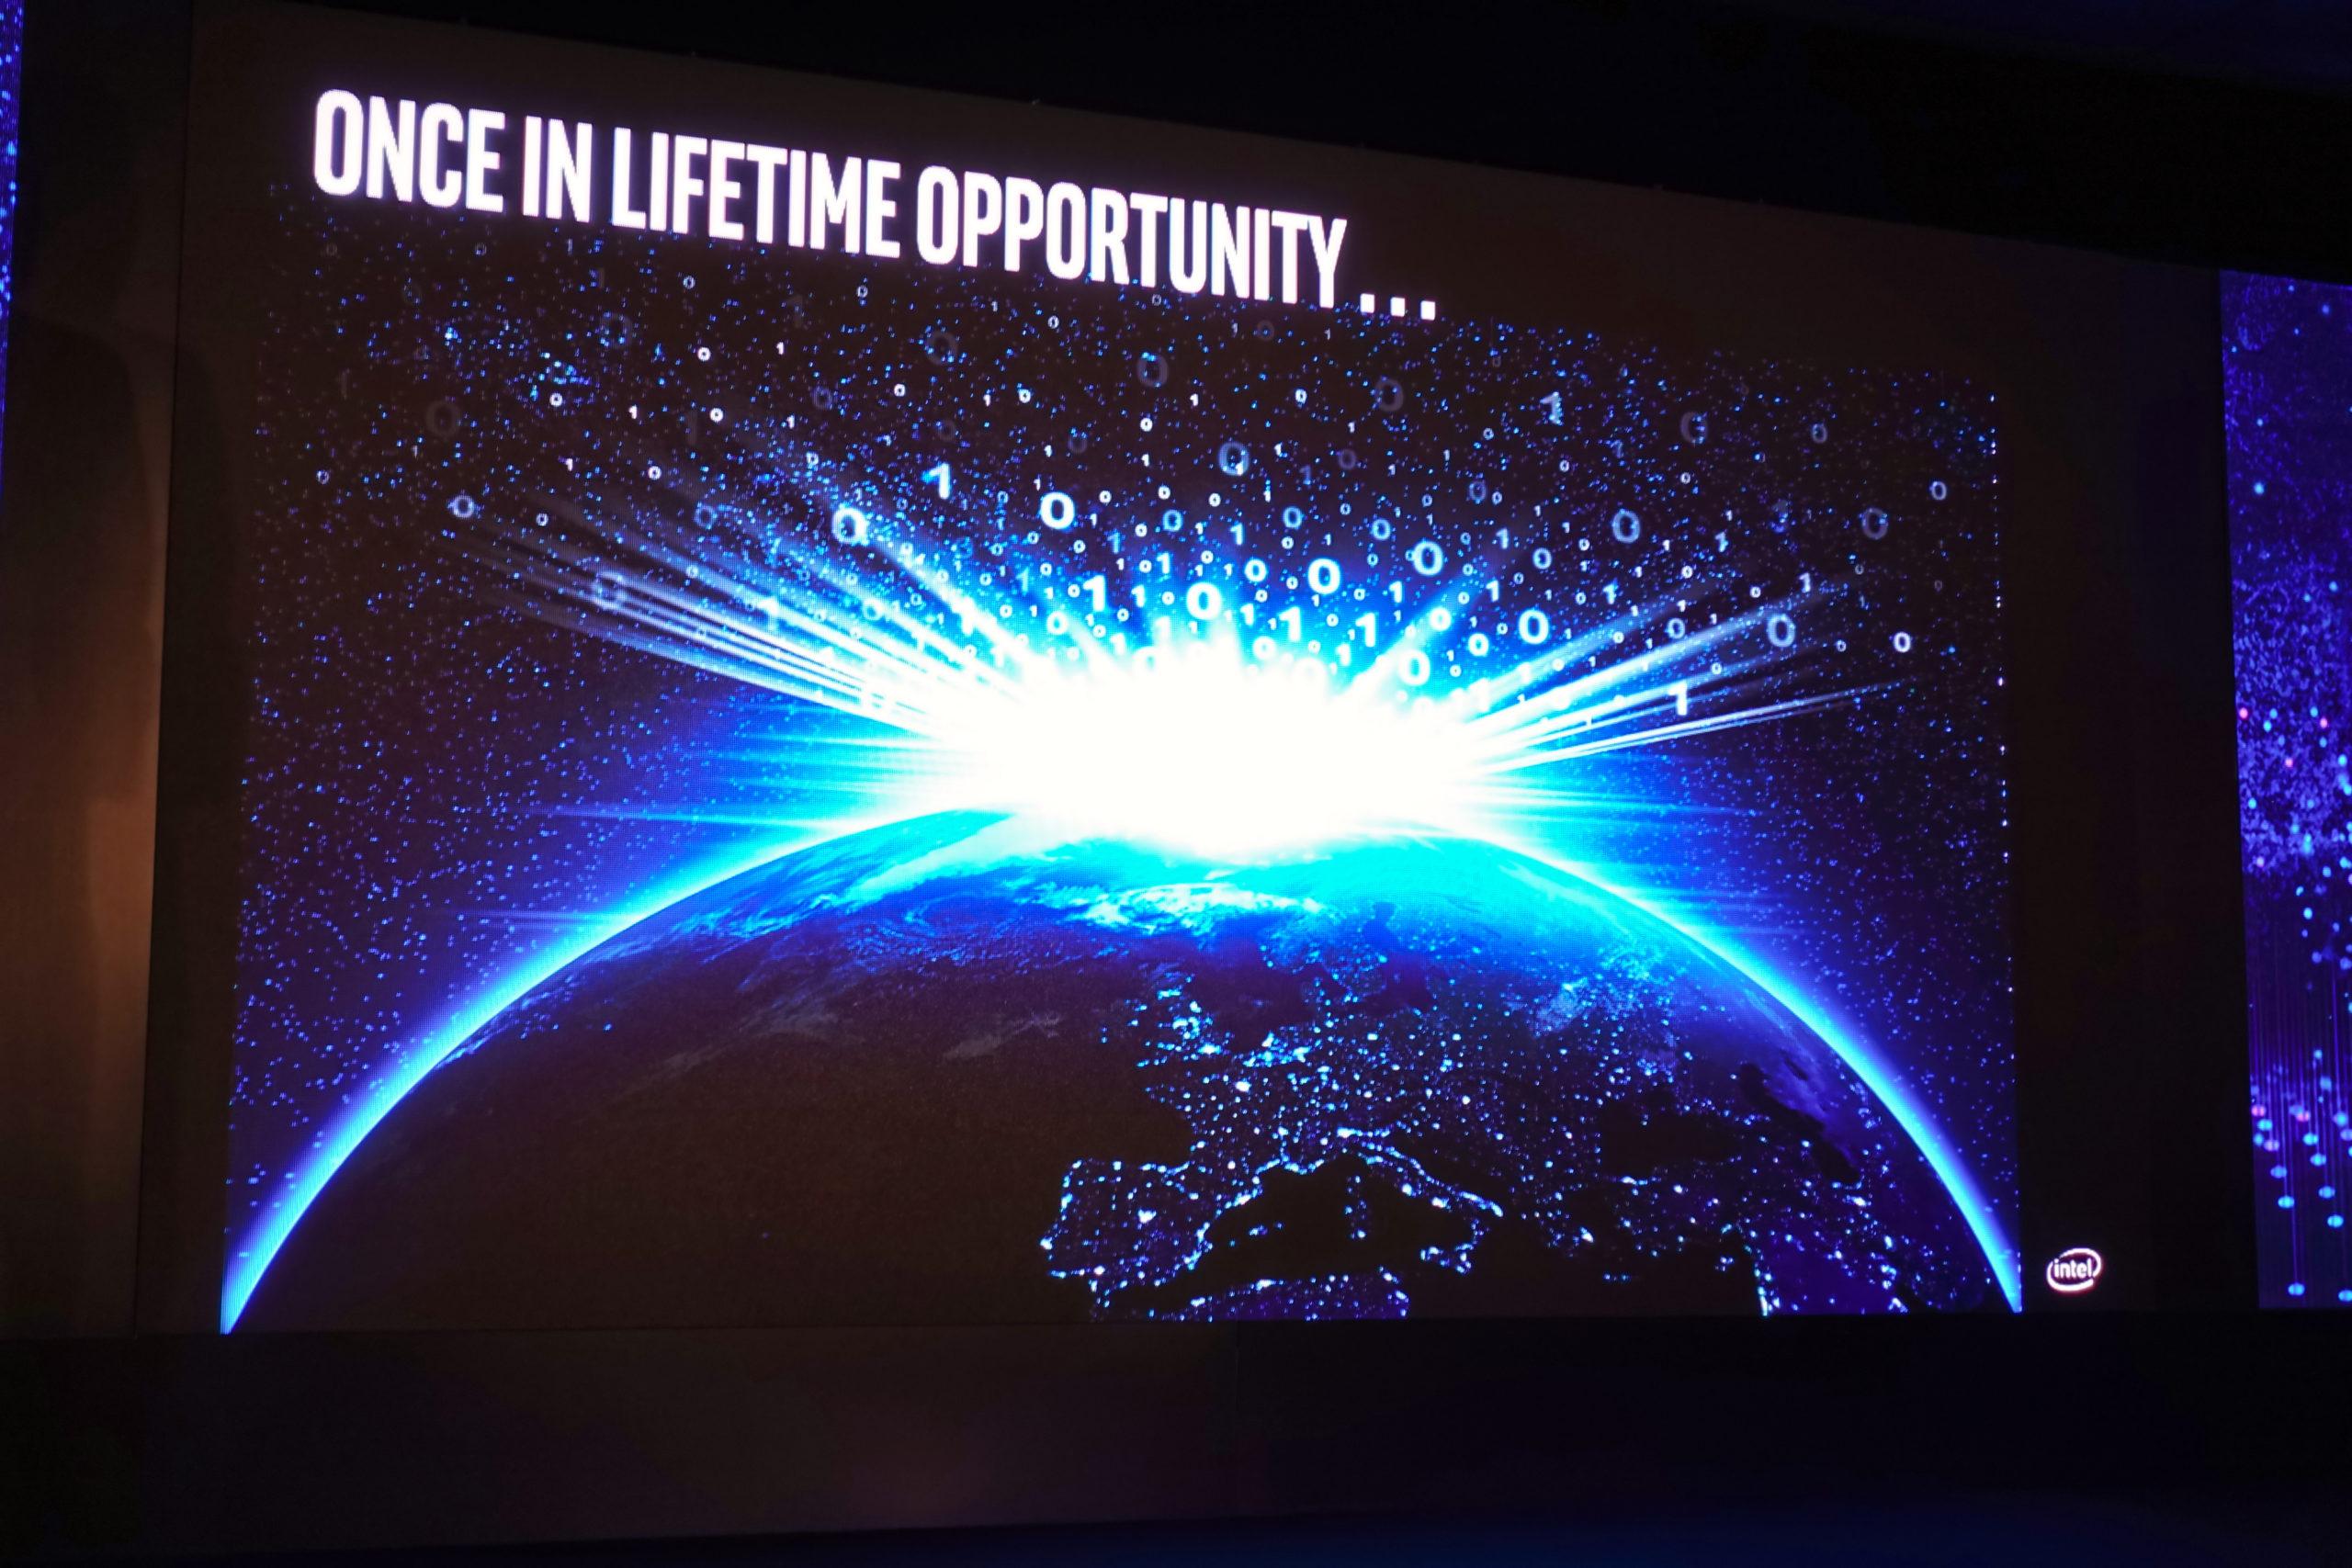 C'est une chance de participer à cette transformation d'une vie ou au moins d'être au premier rang et voir ce qui s'en vient [...]. -Scott Overson. Photo : Eric Martel | Sony RX100M5